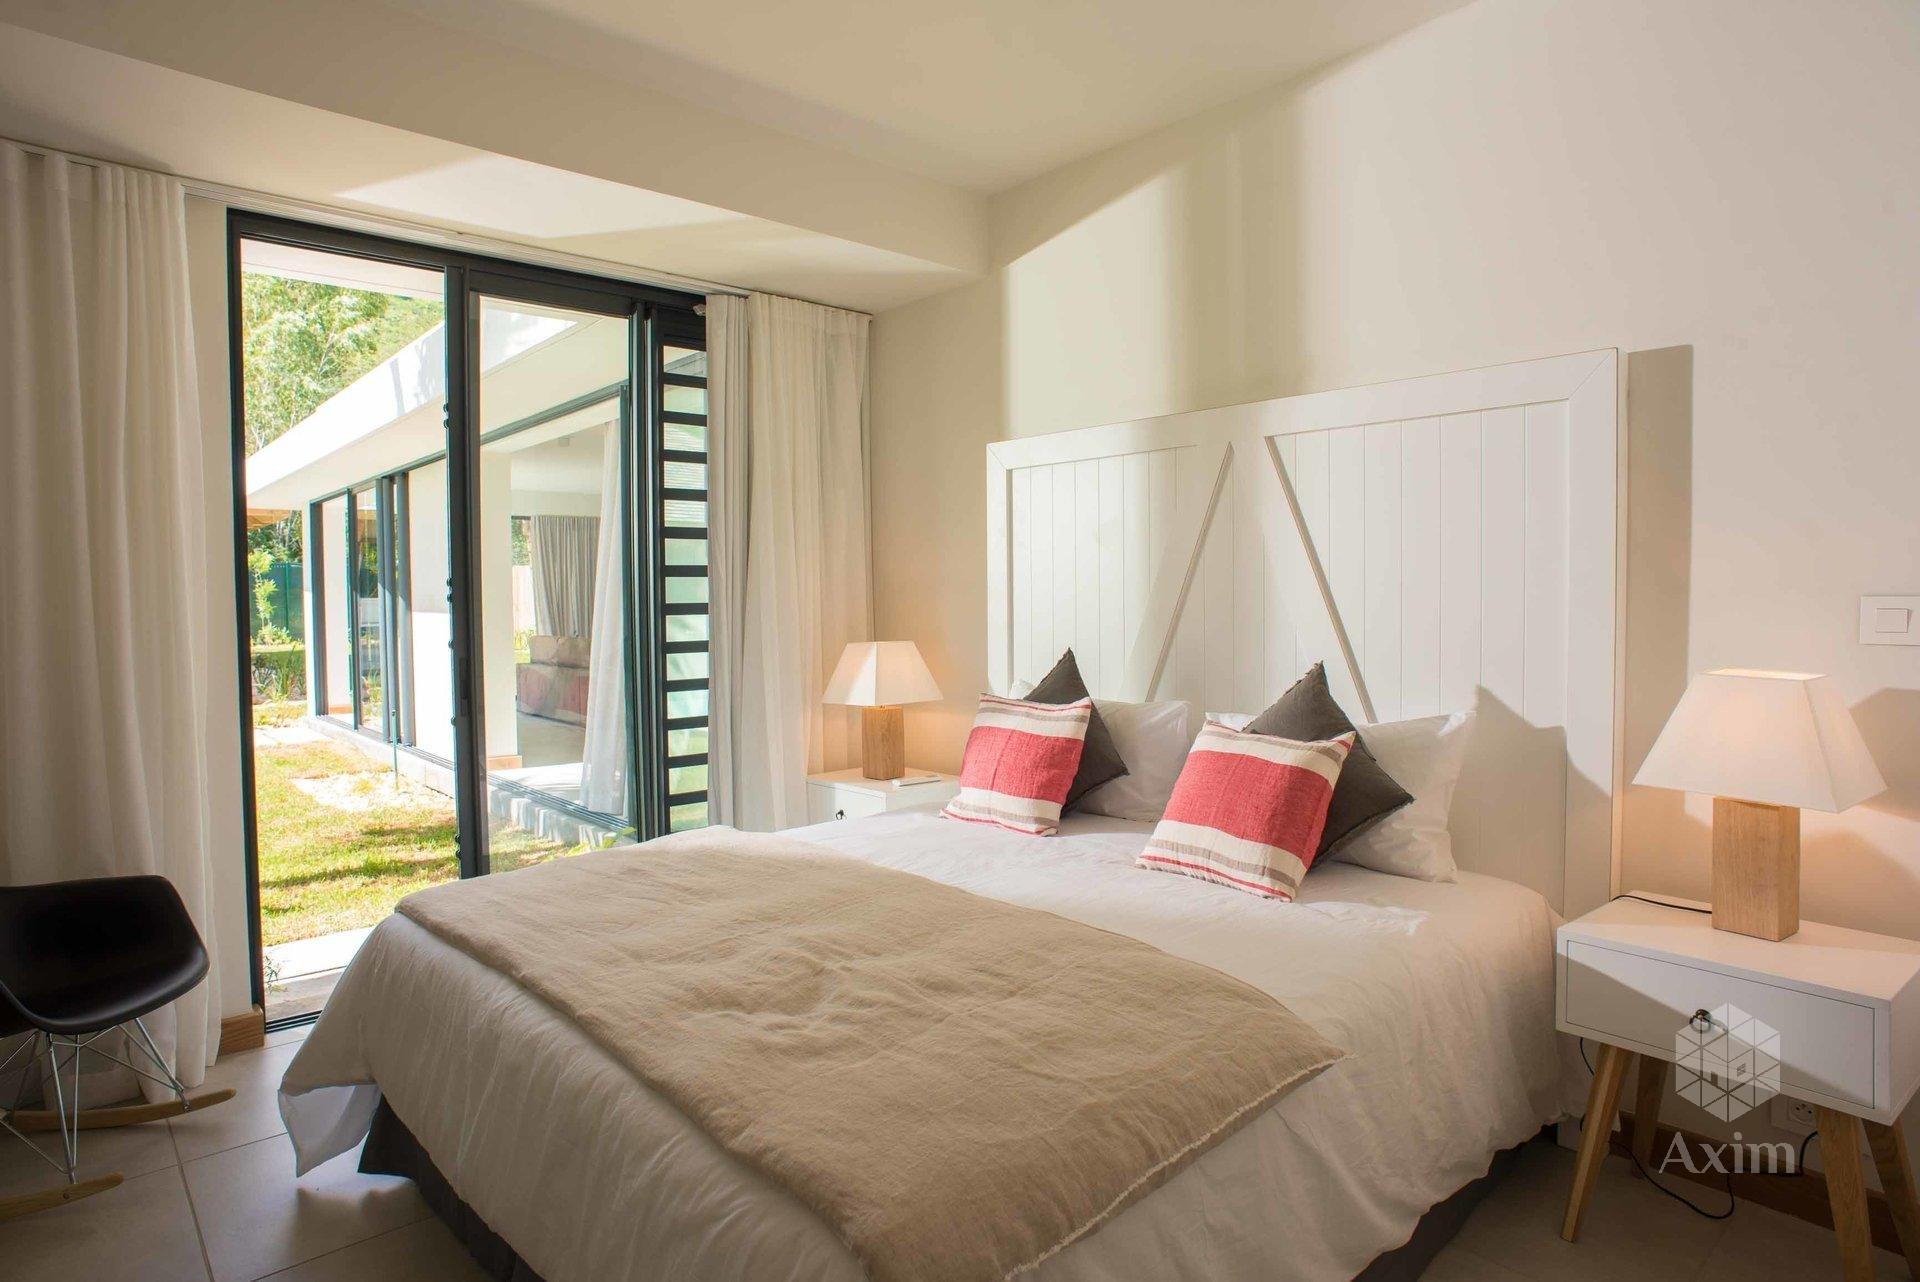 TAMARIN - Villa de luxe dans une résidence sécurisé